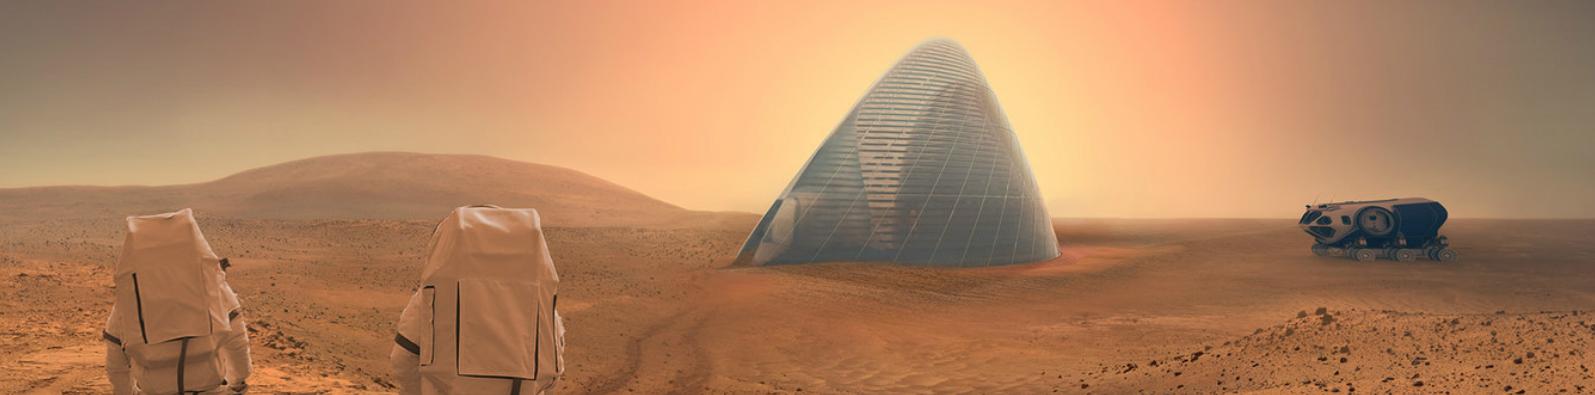 NASA Mars Konutları için Planını Açıkladı